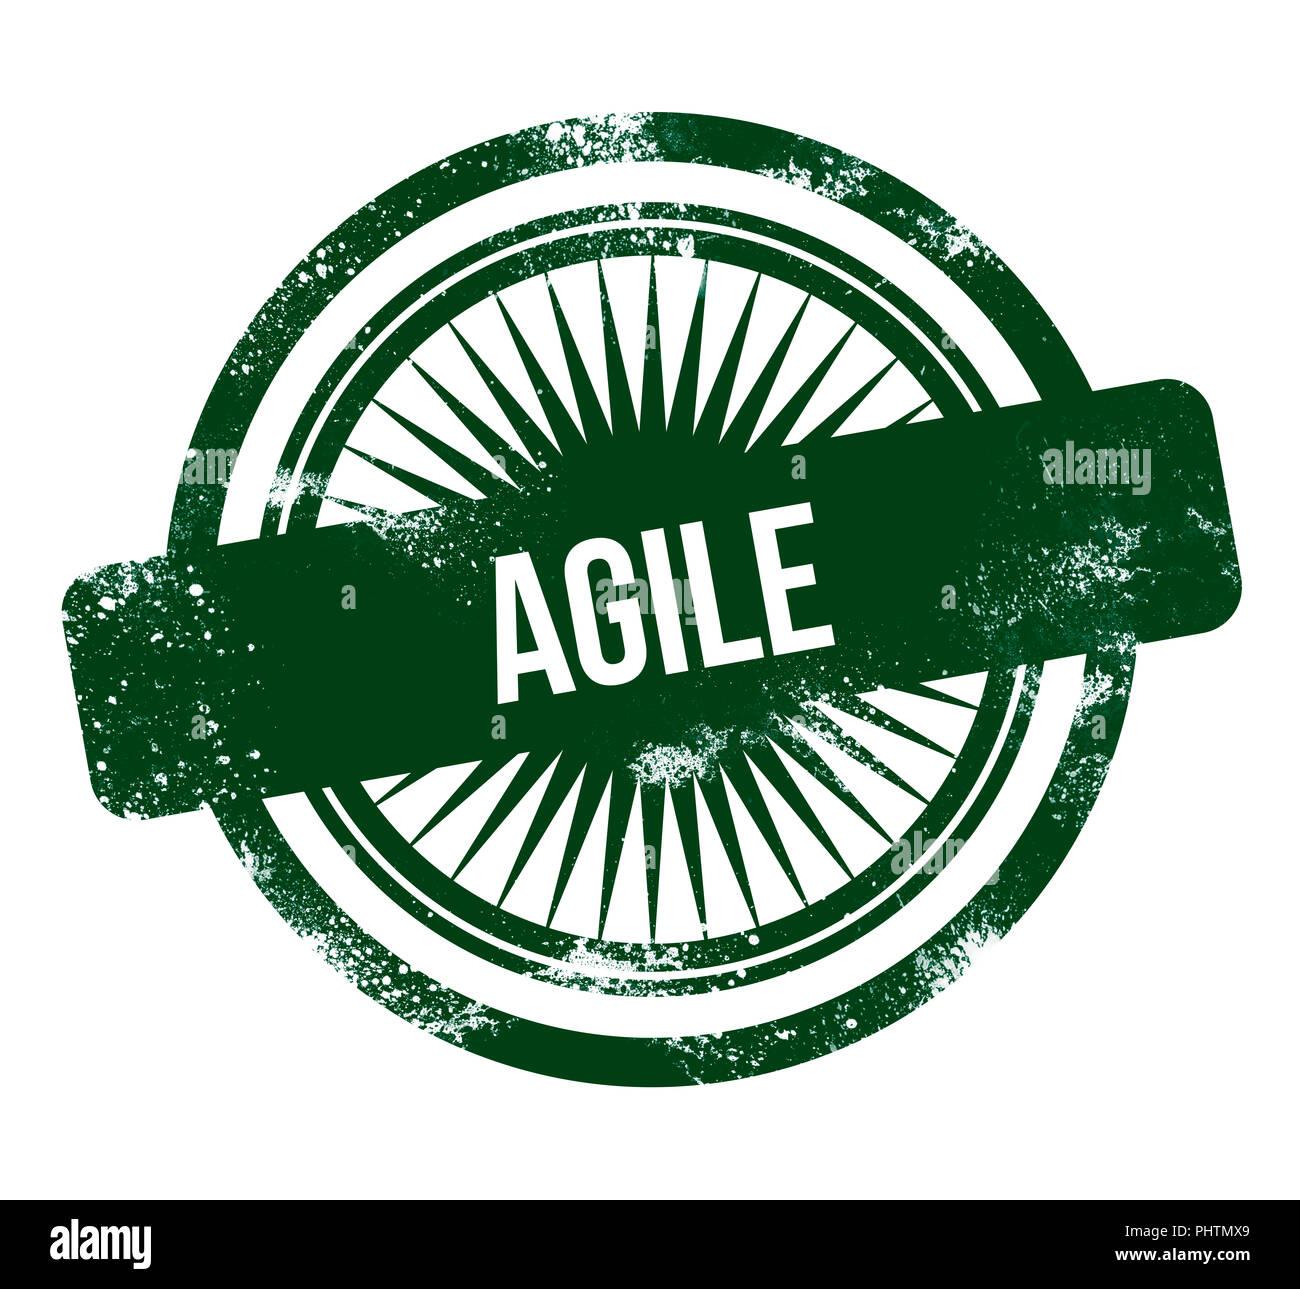 Agile - green grunge timbro Immagini Stock